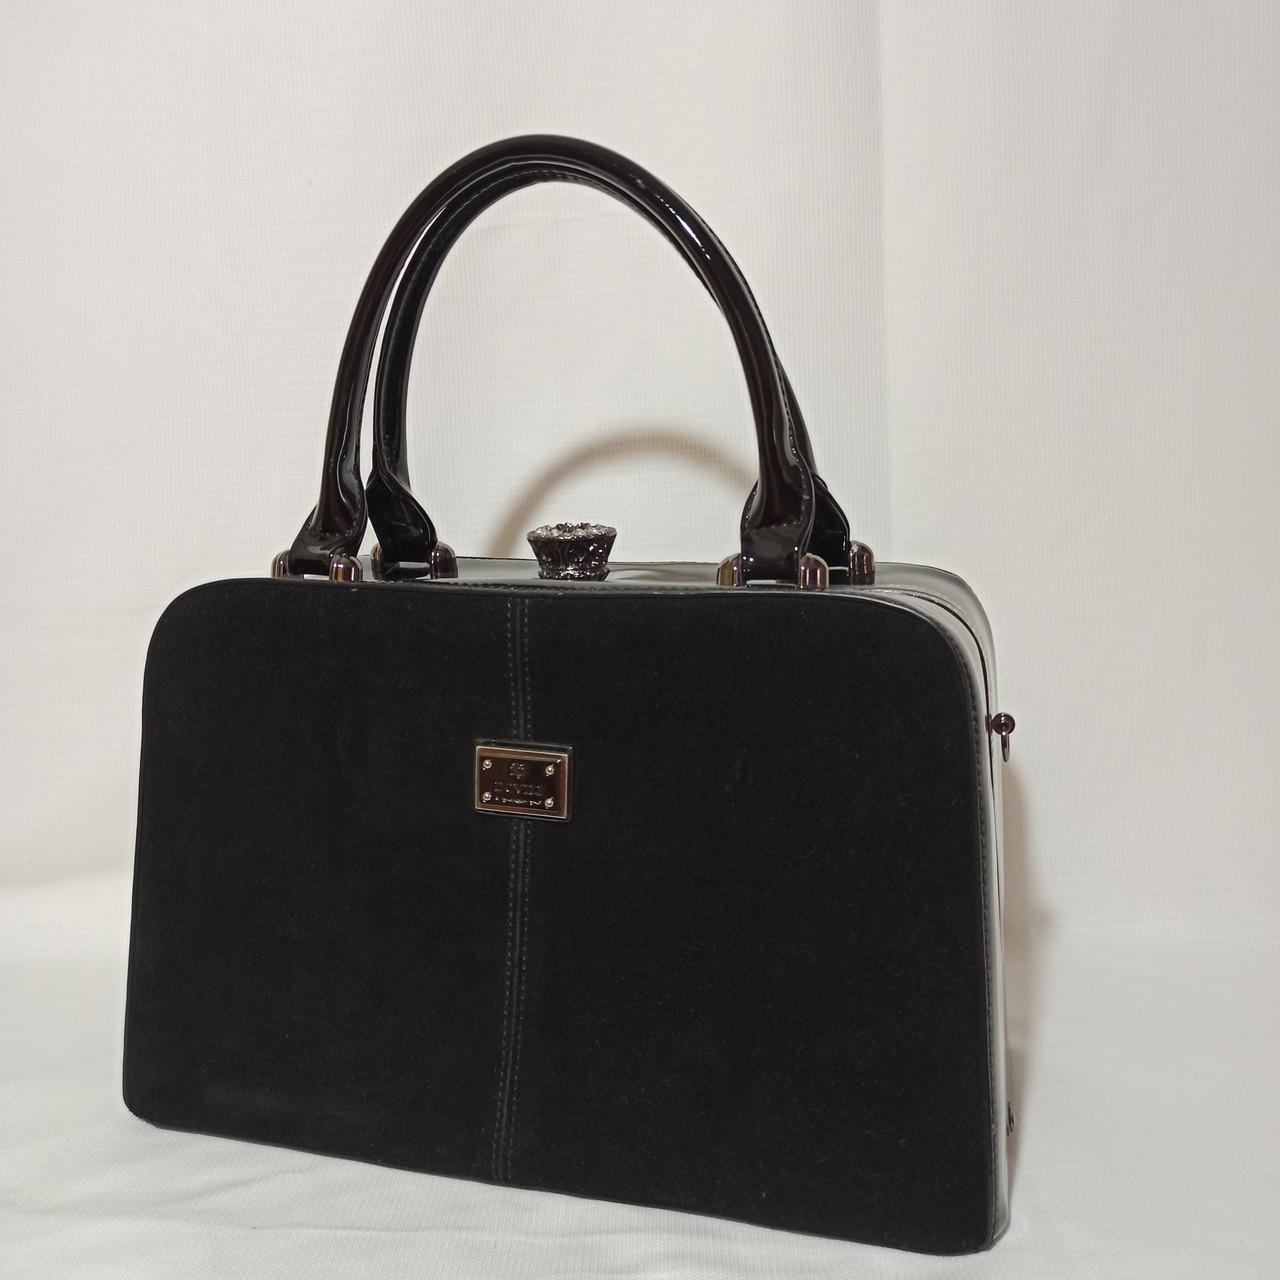 Класична жіноча сумка / Классическая женская сумка LX-0018